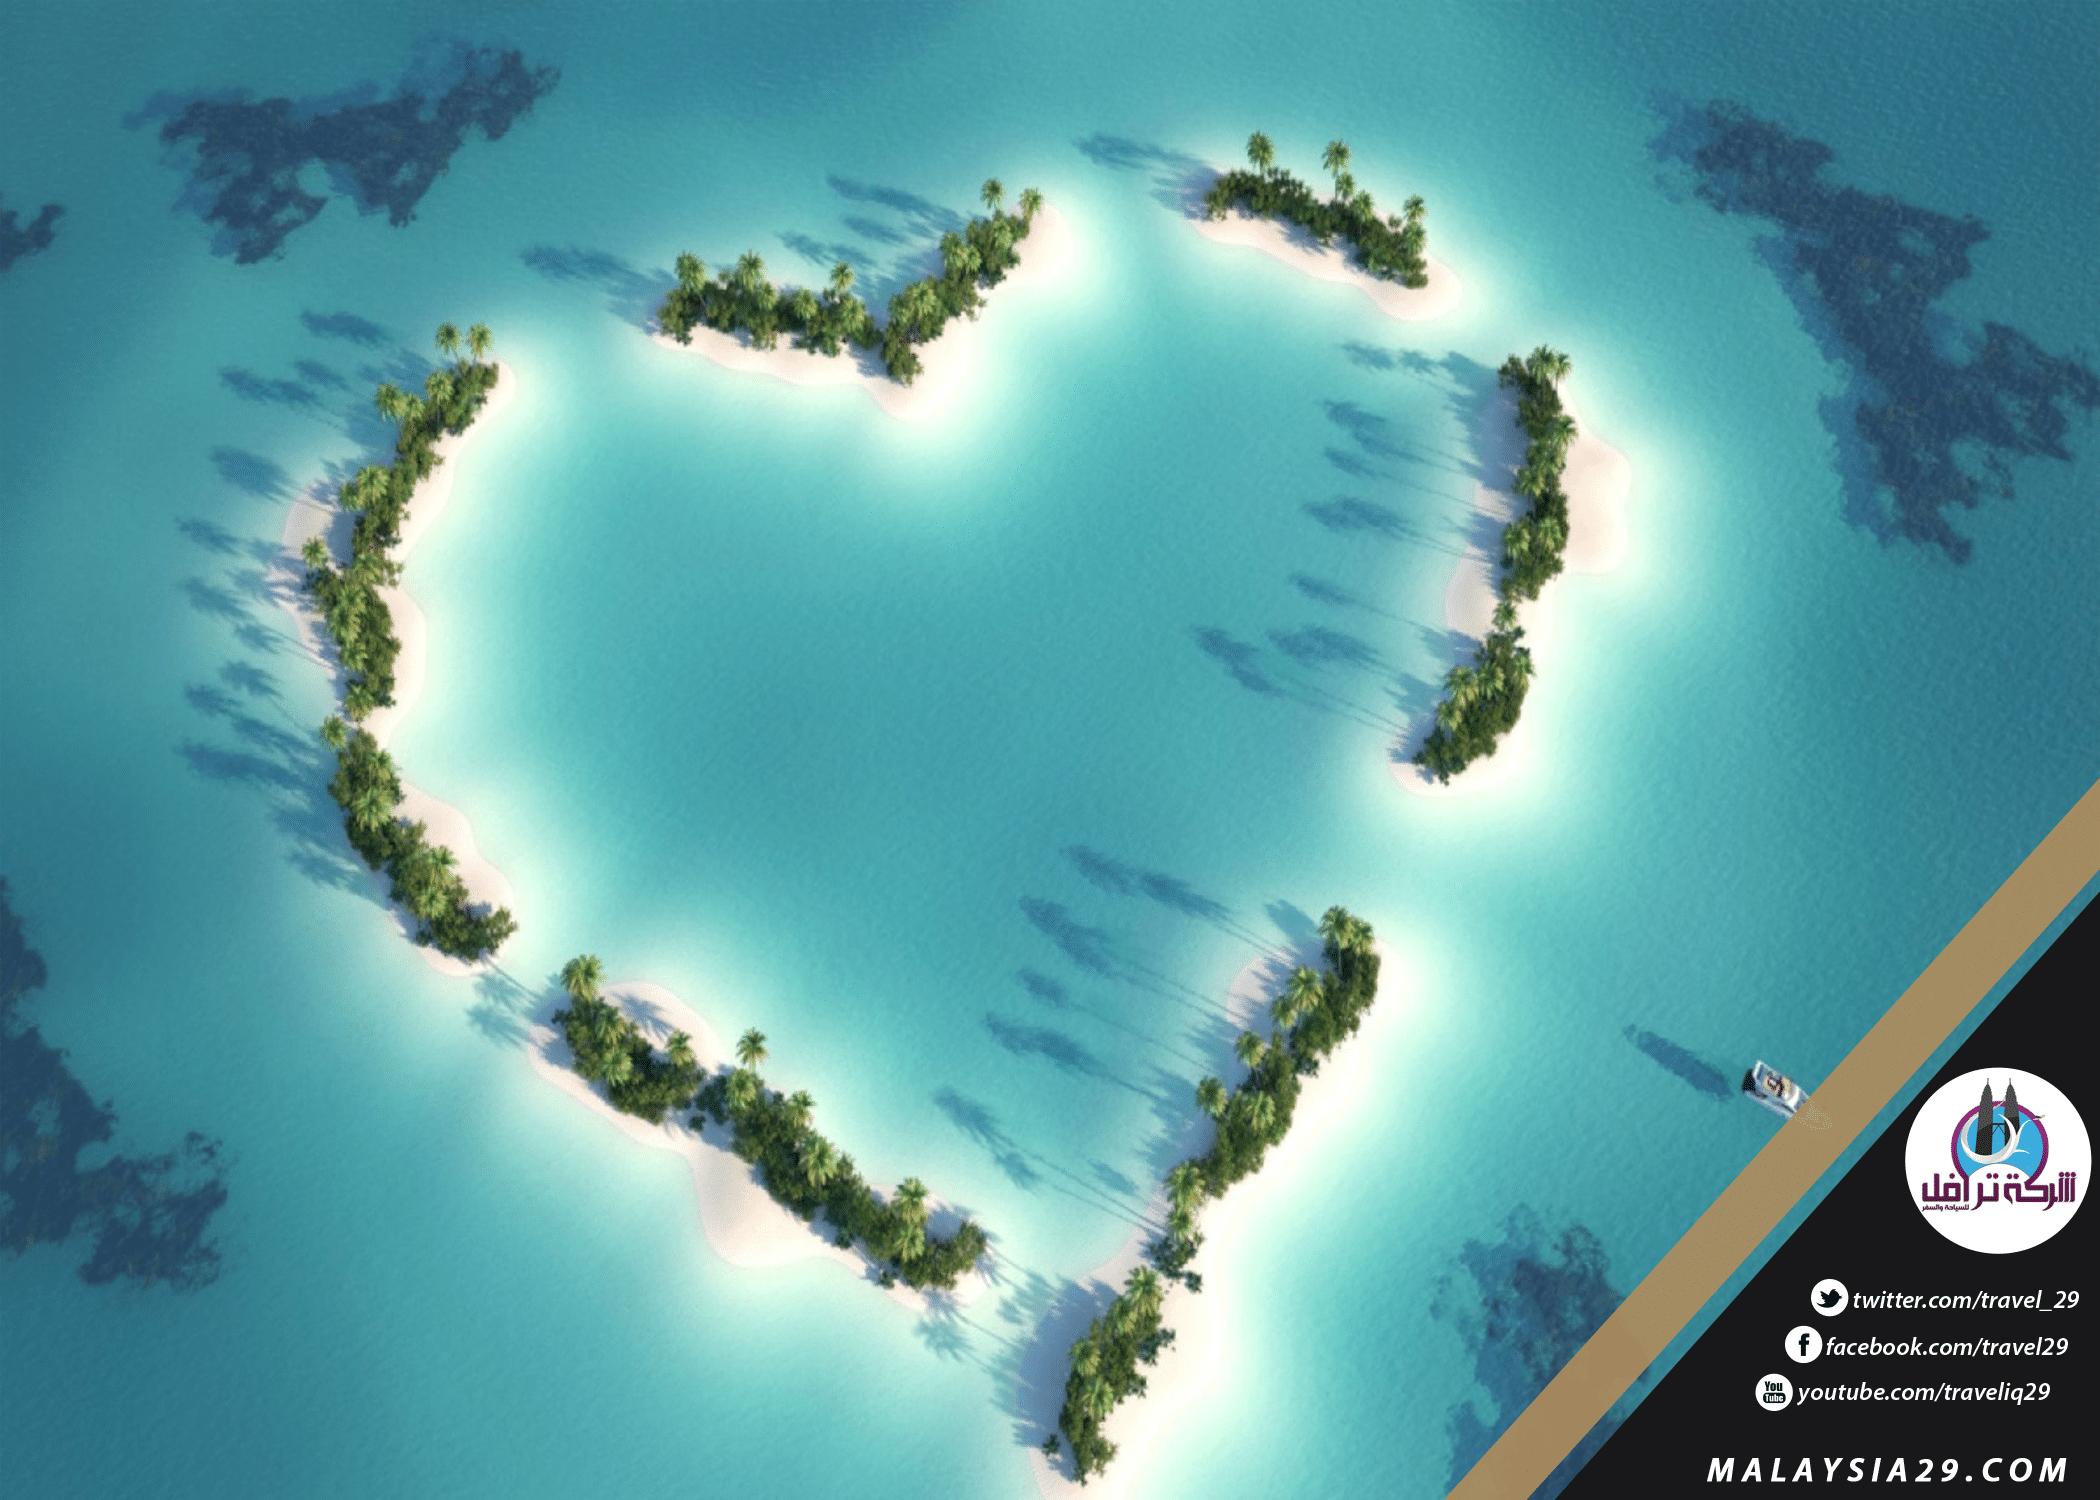 جزر المالديف | معلومات عن المالديف | اين تقع المالديف